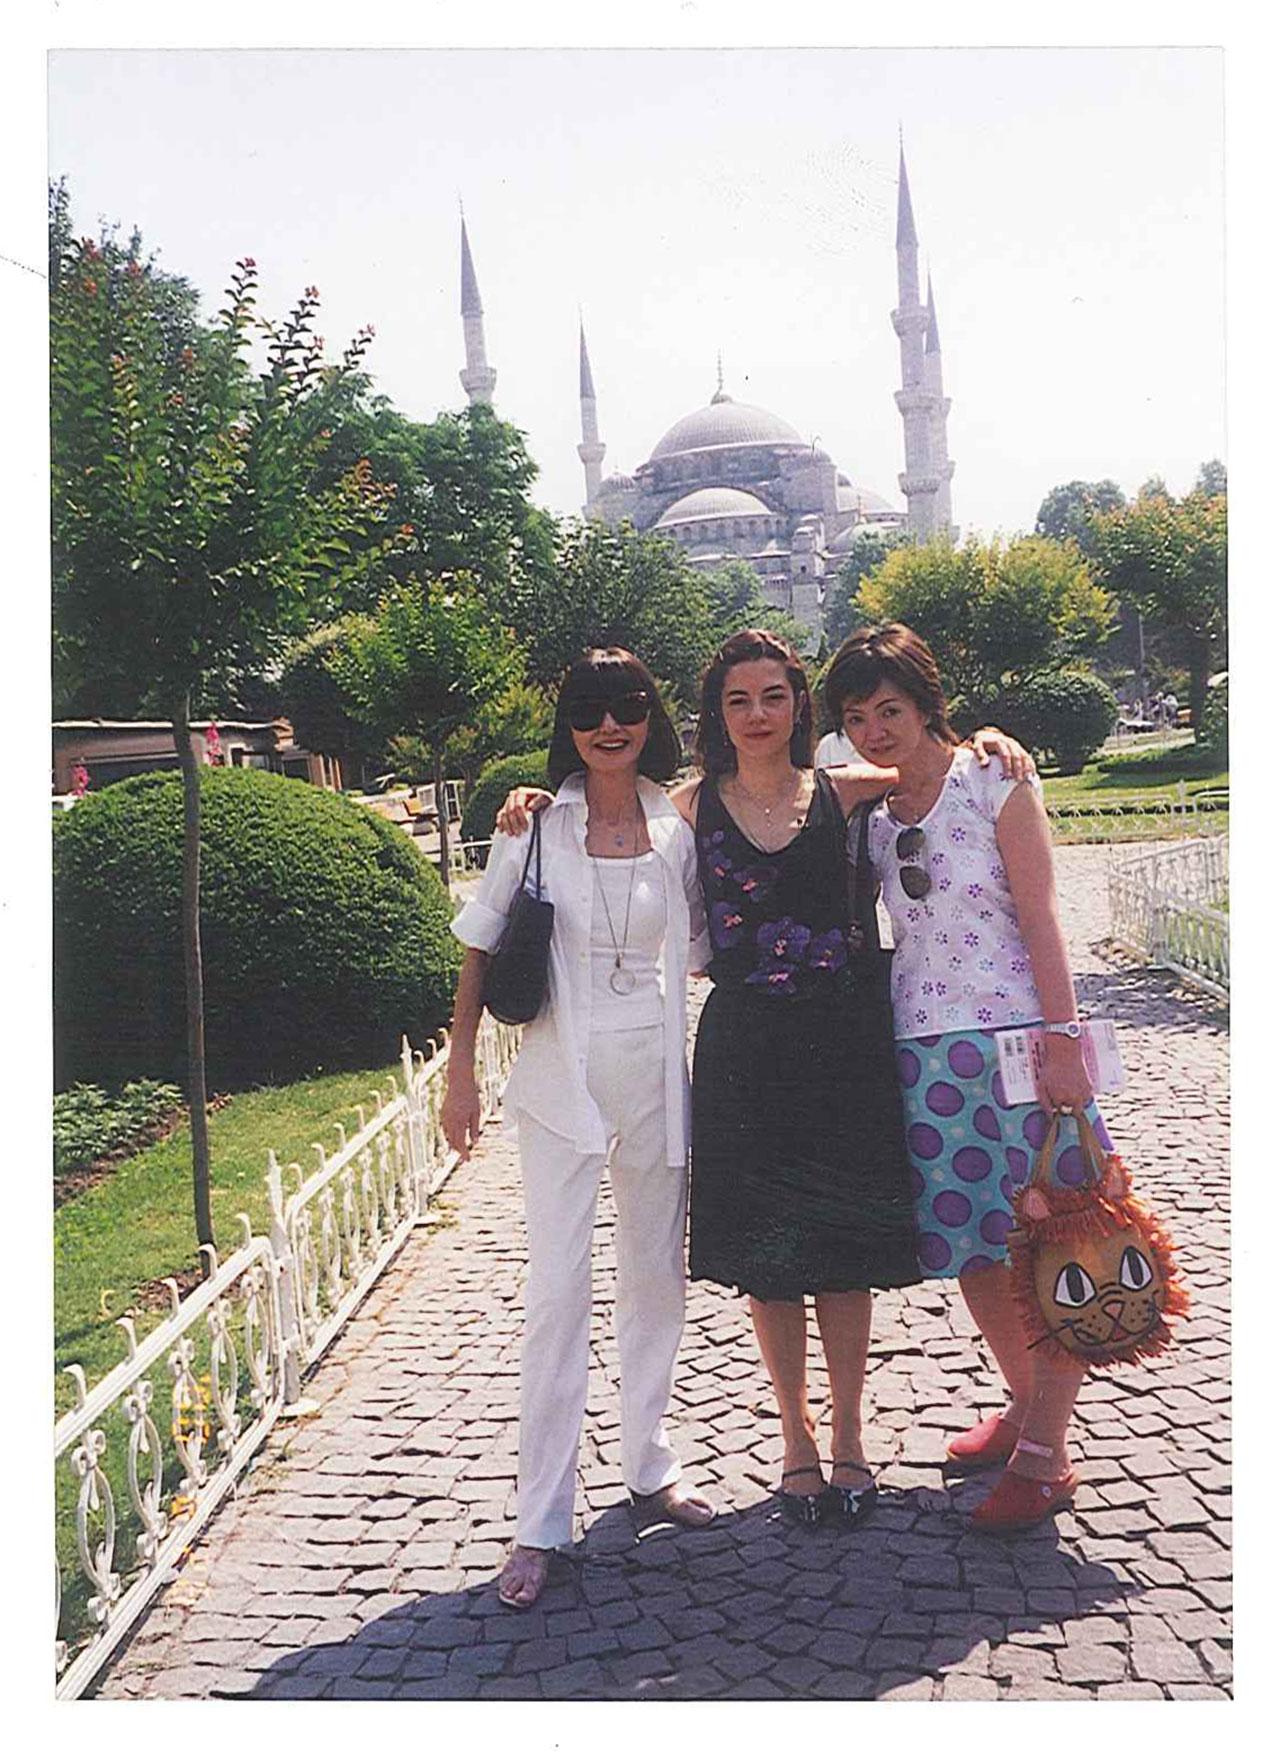 左: 大内順子氏 右: 高橋由美香氏(『ファッション通信』ディレクター)|『ファッション通信』の取材でトルコのブルーモスクを背景に。